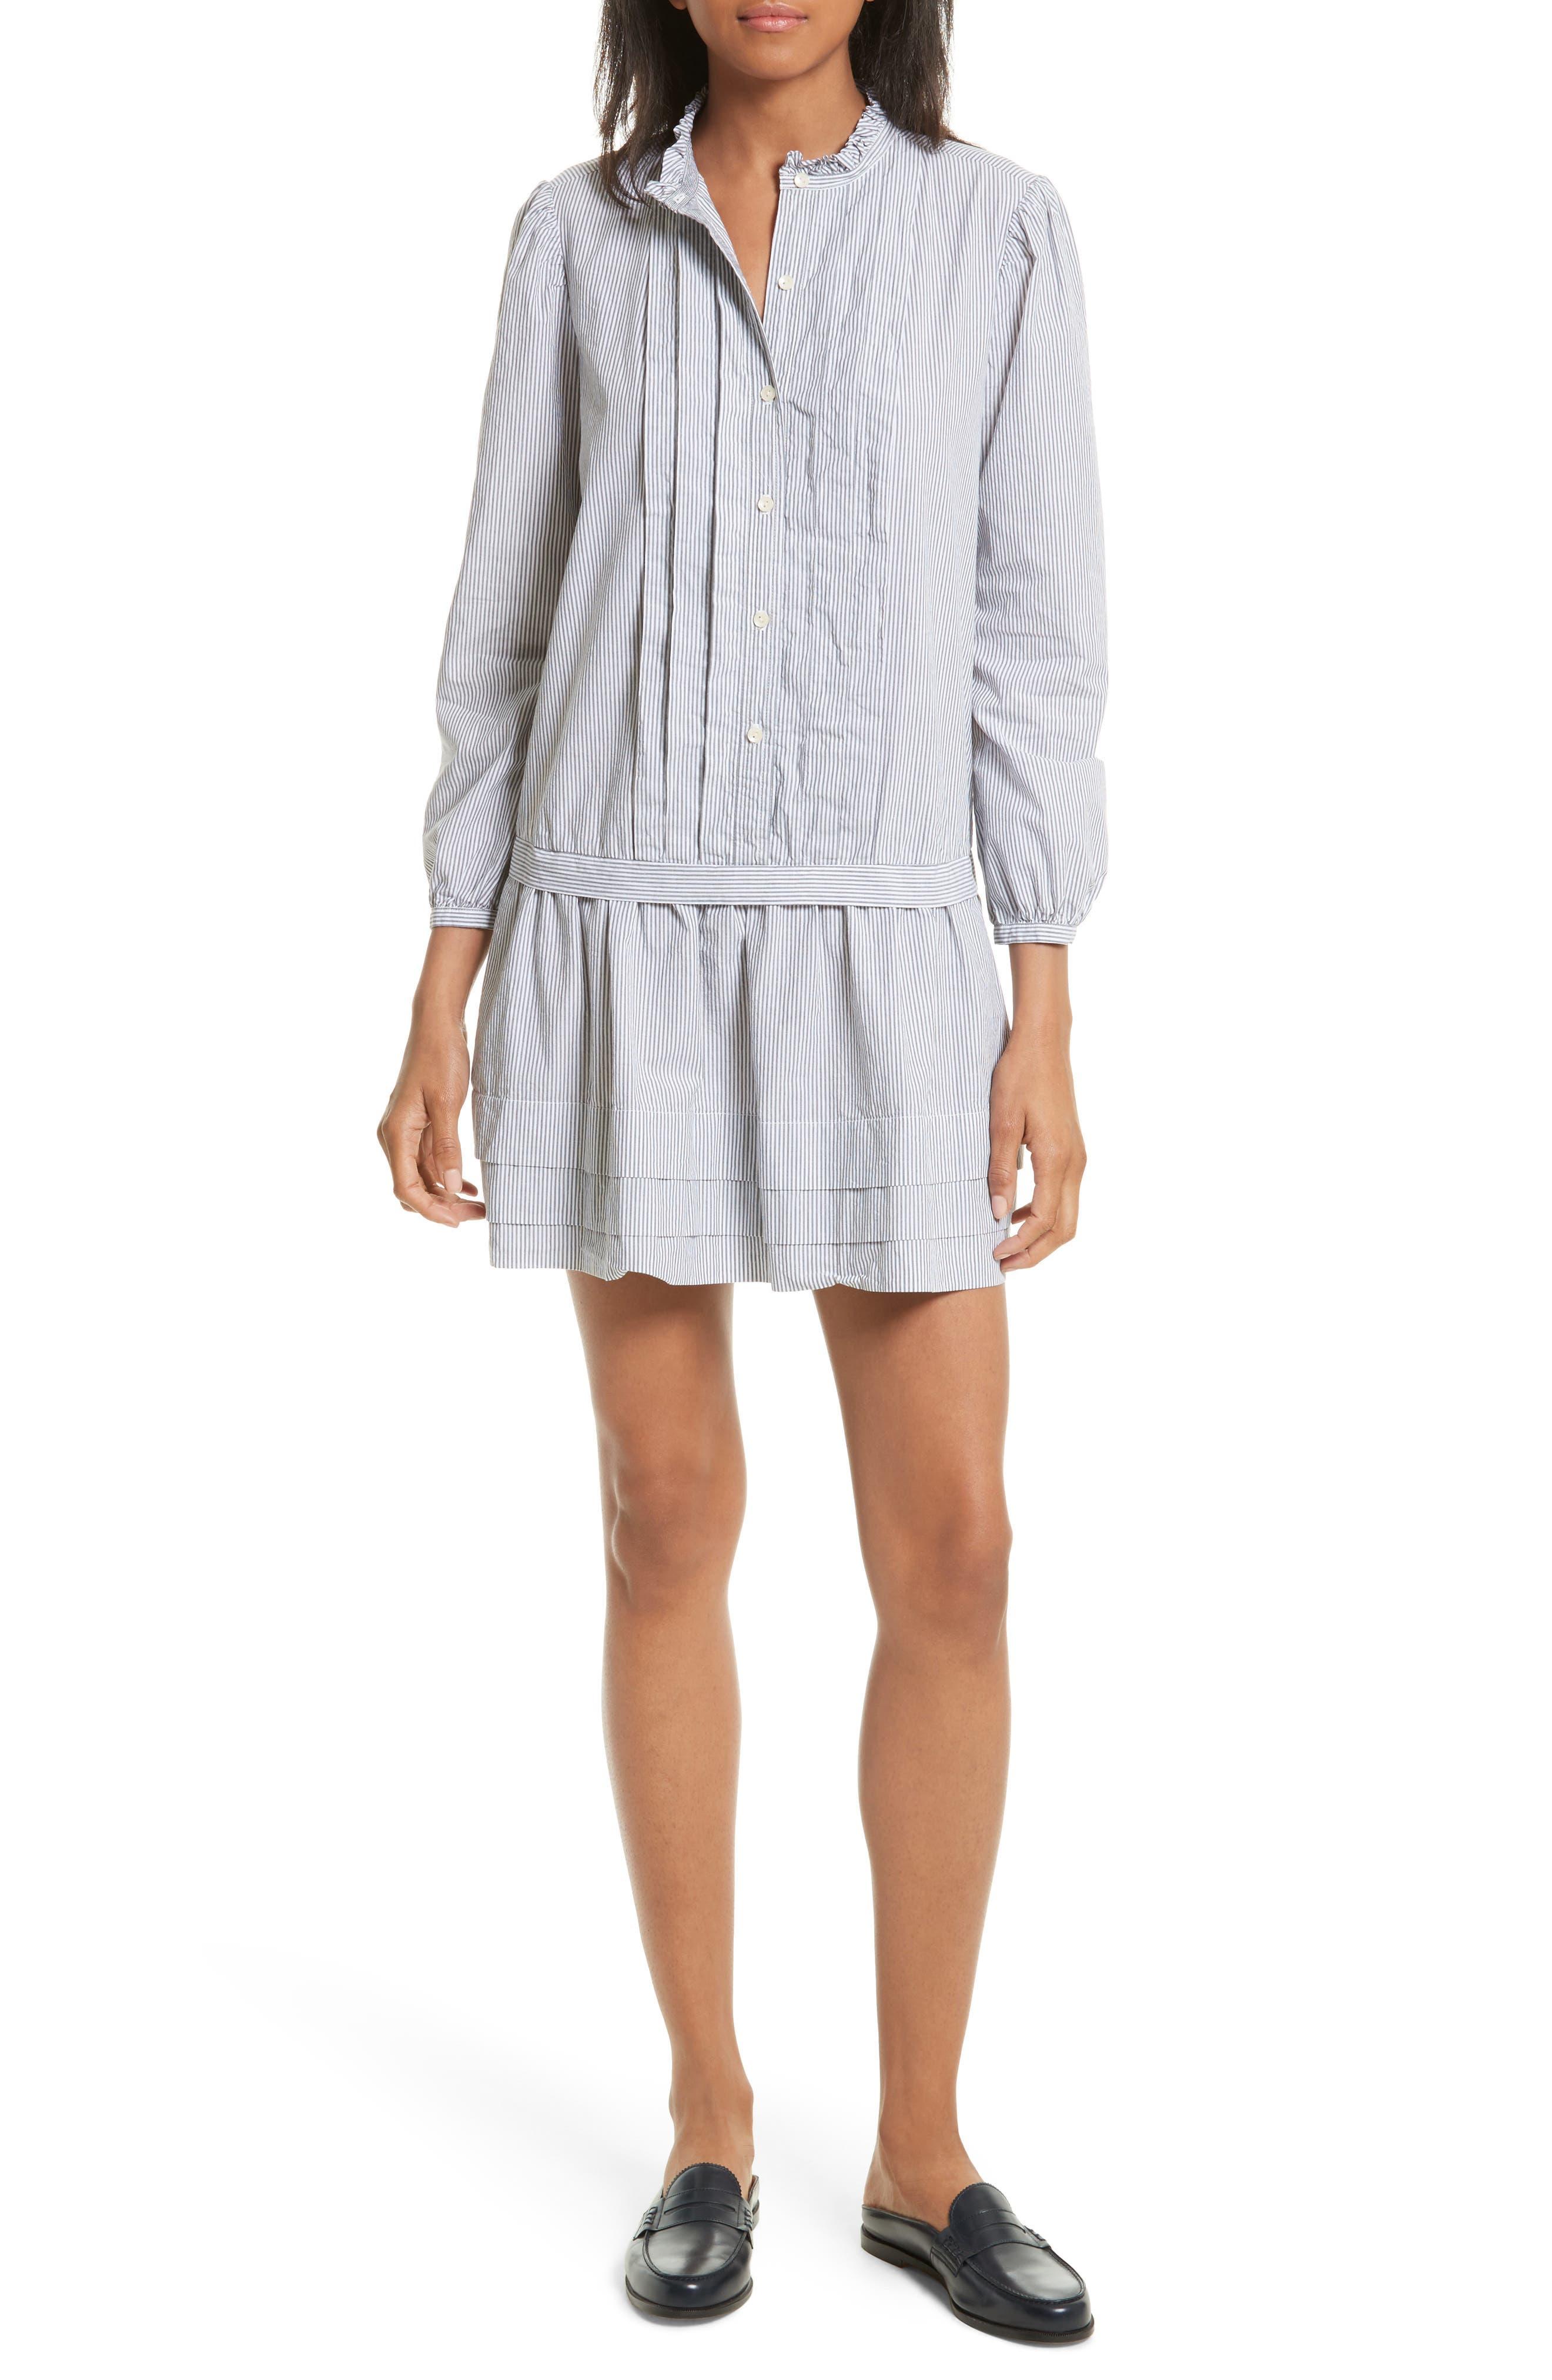 La Vie Rebecca Taylor Cotton Shirtdress